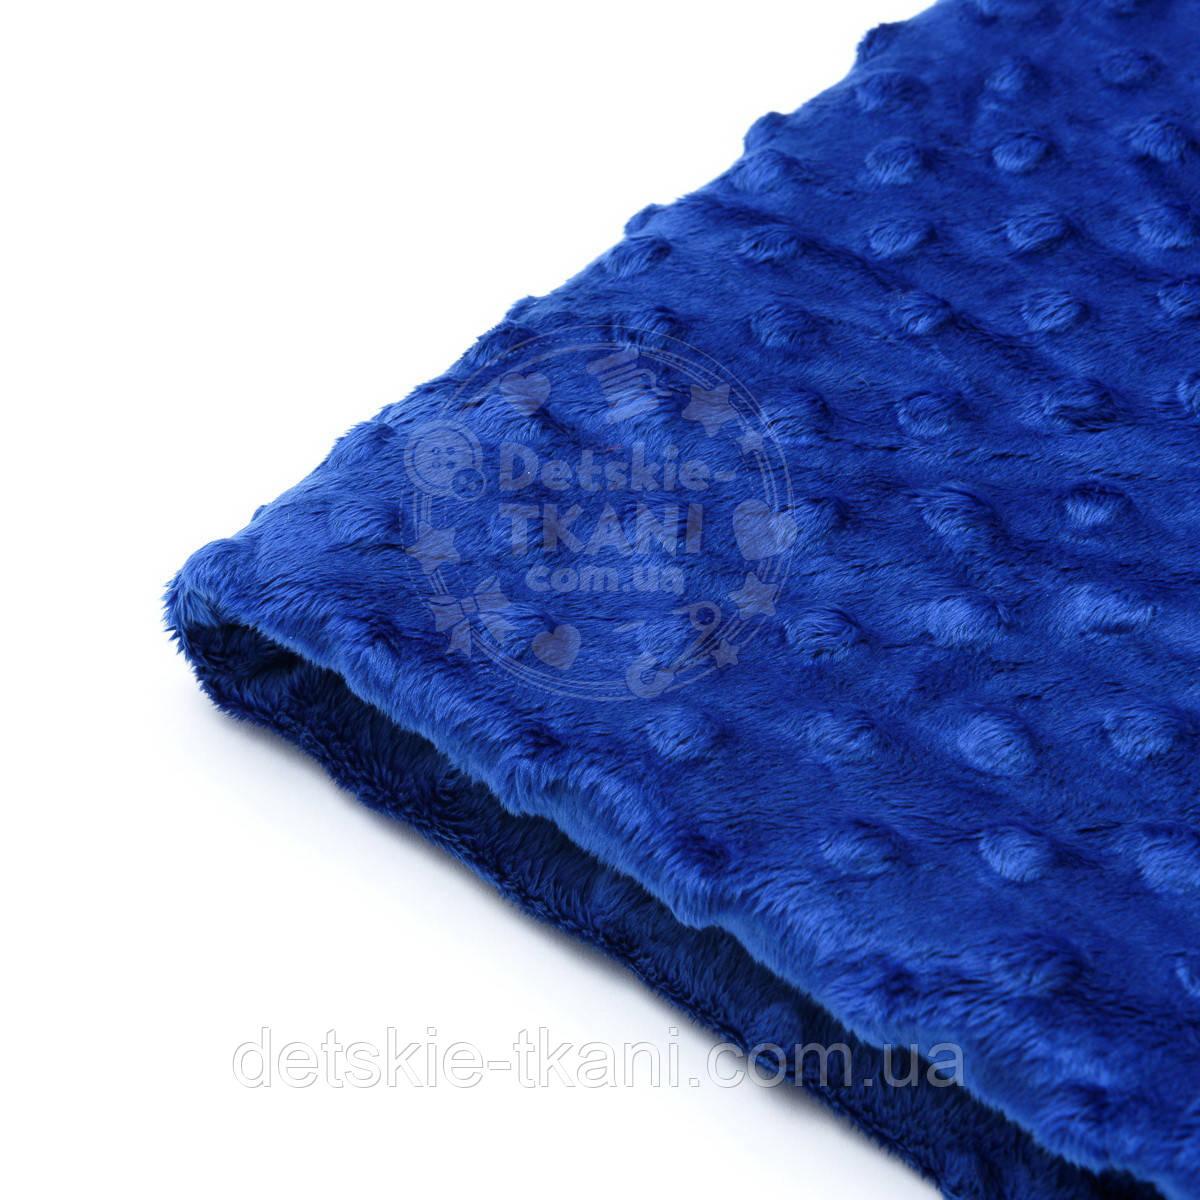 Відріз плюшу minky М-69, розмір 40*40 см, синій колір ультрамарин